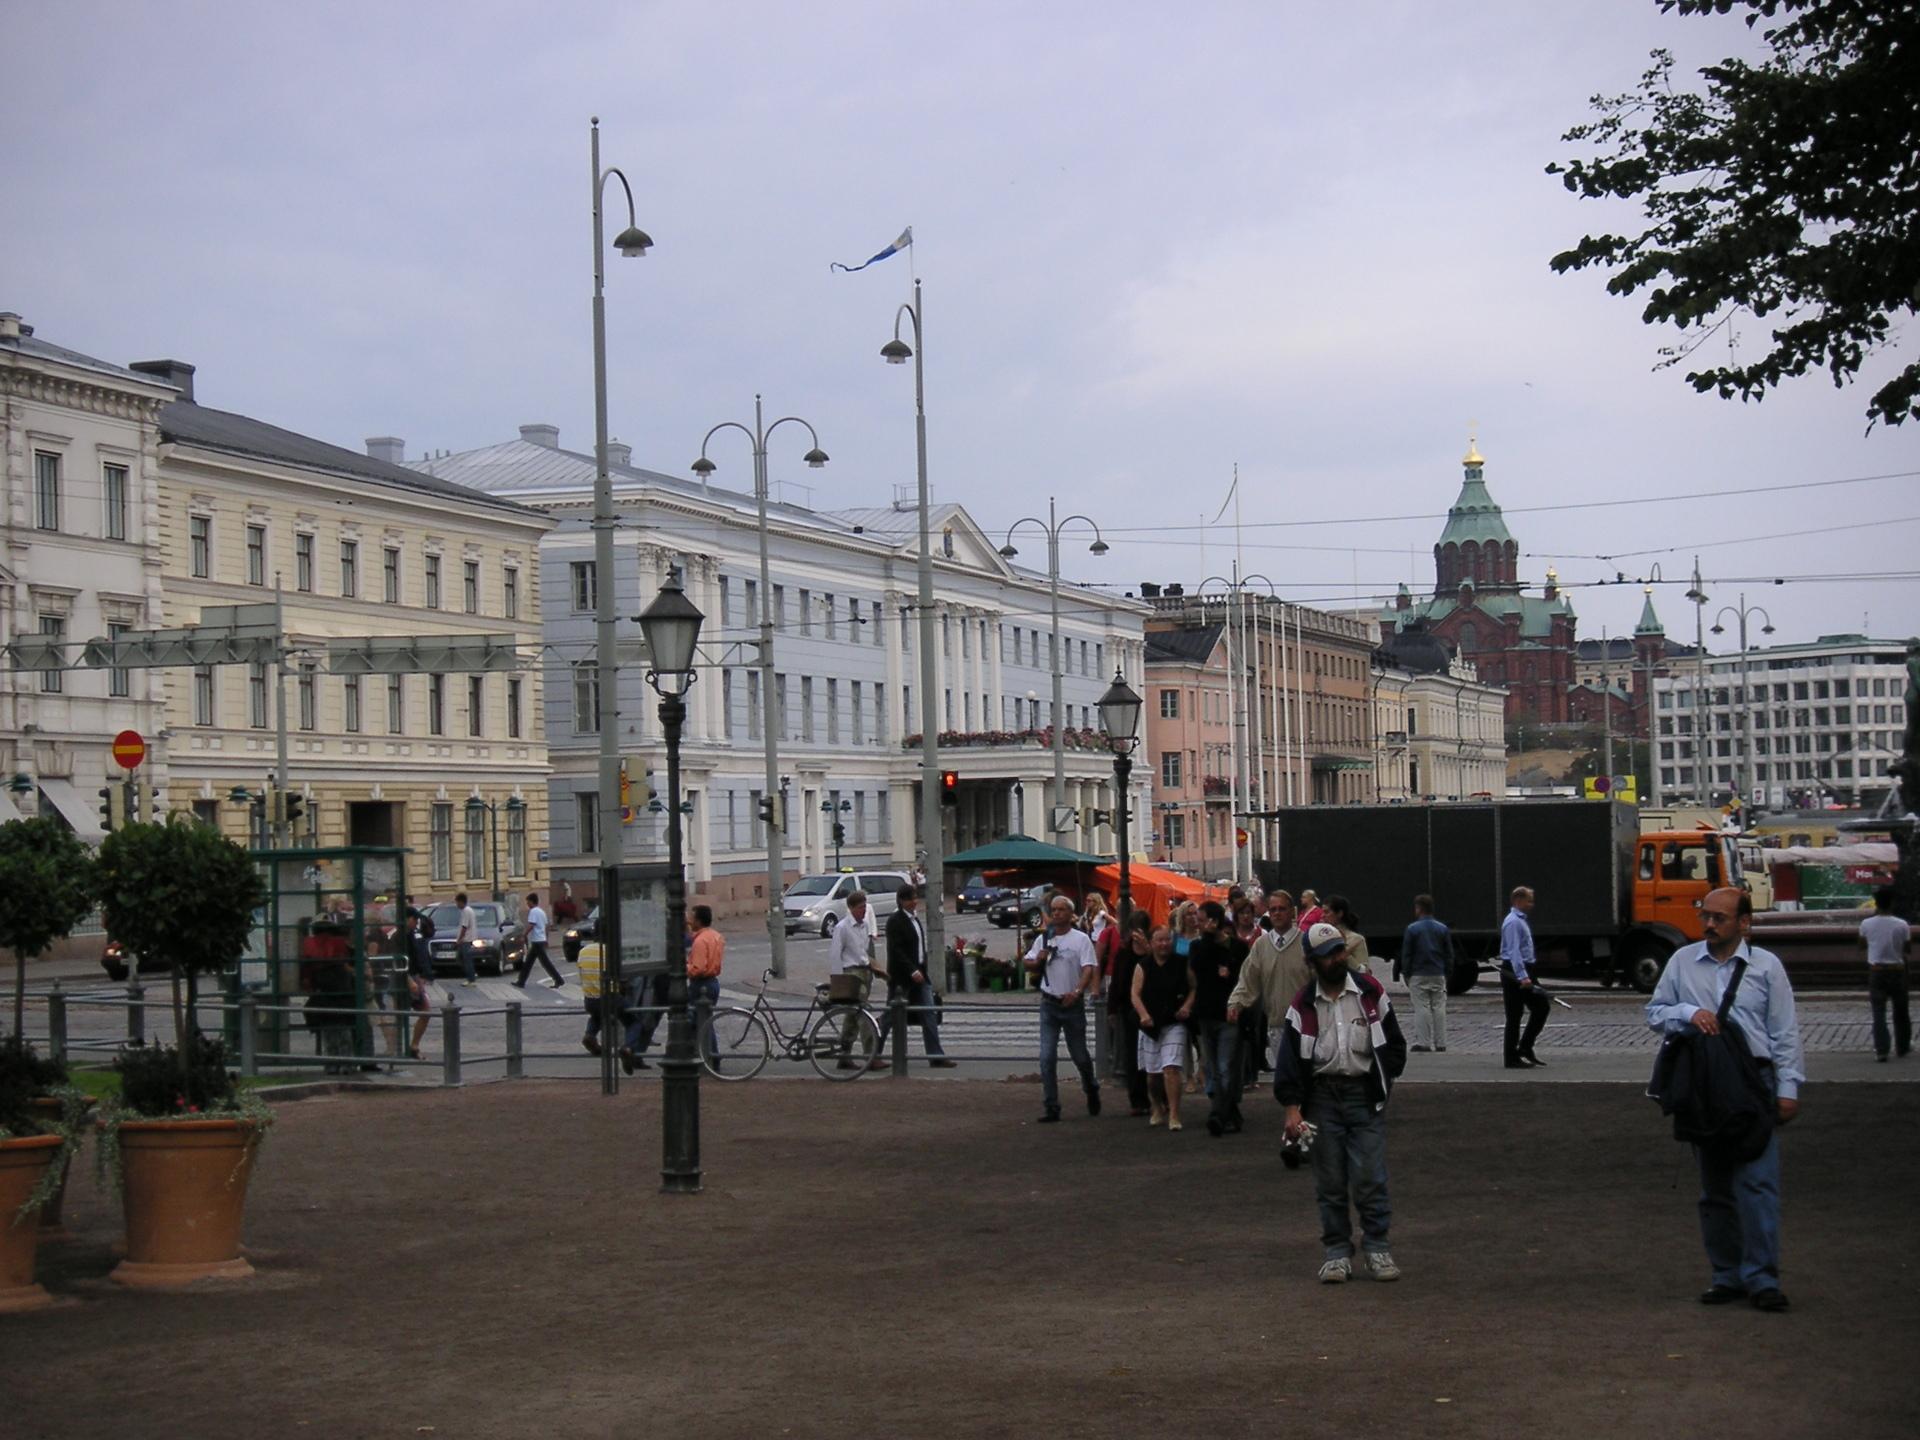 Helsinki Finland Travel Photo 553585 Fanpop